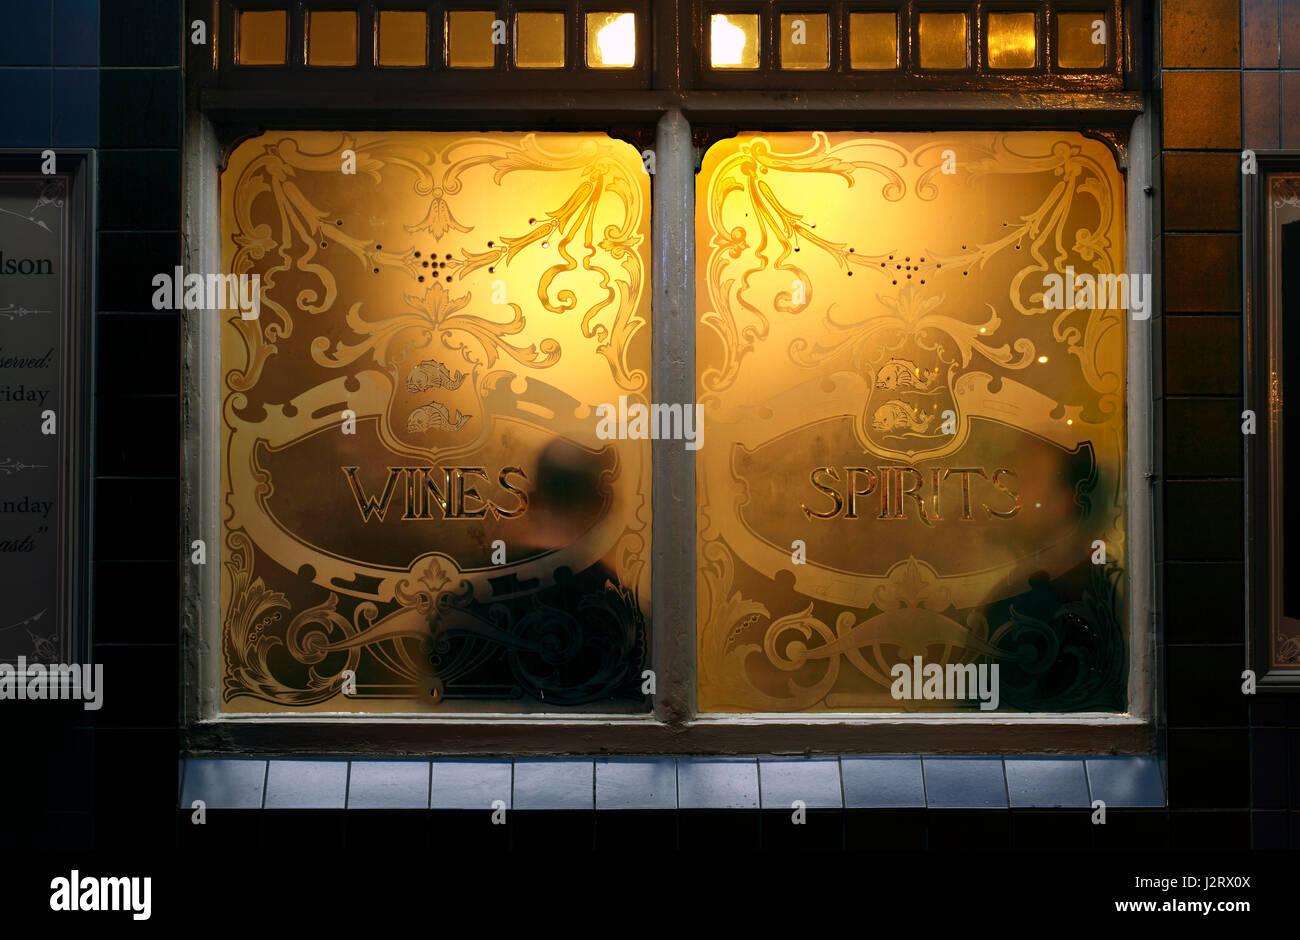 La calda e accogliente atmosfera di un pub Inglese - come si vede dalla strada al di fuori. Immagini Stock